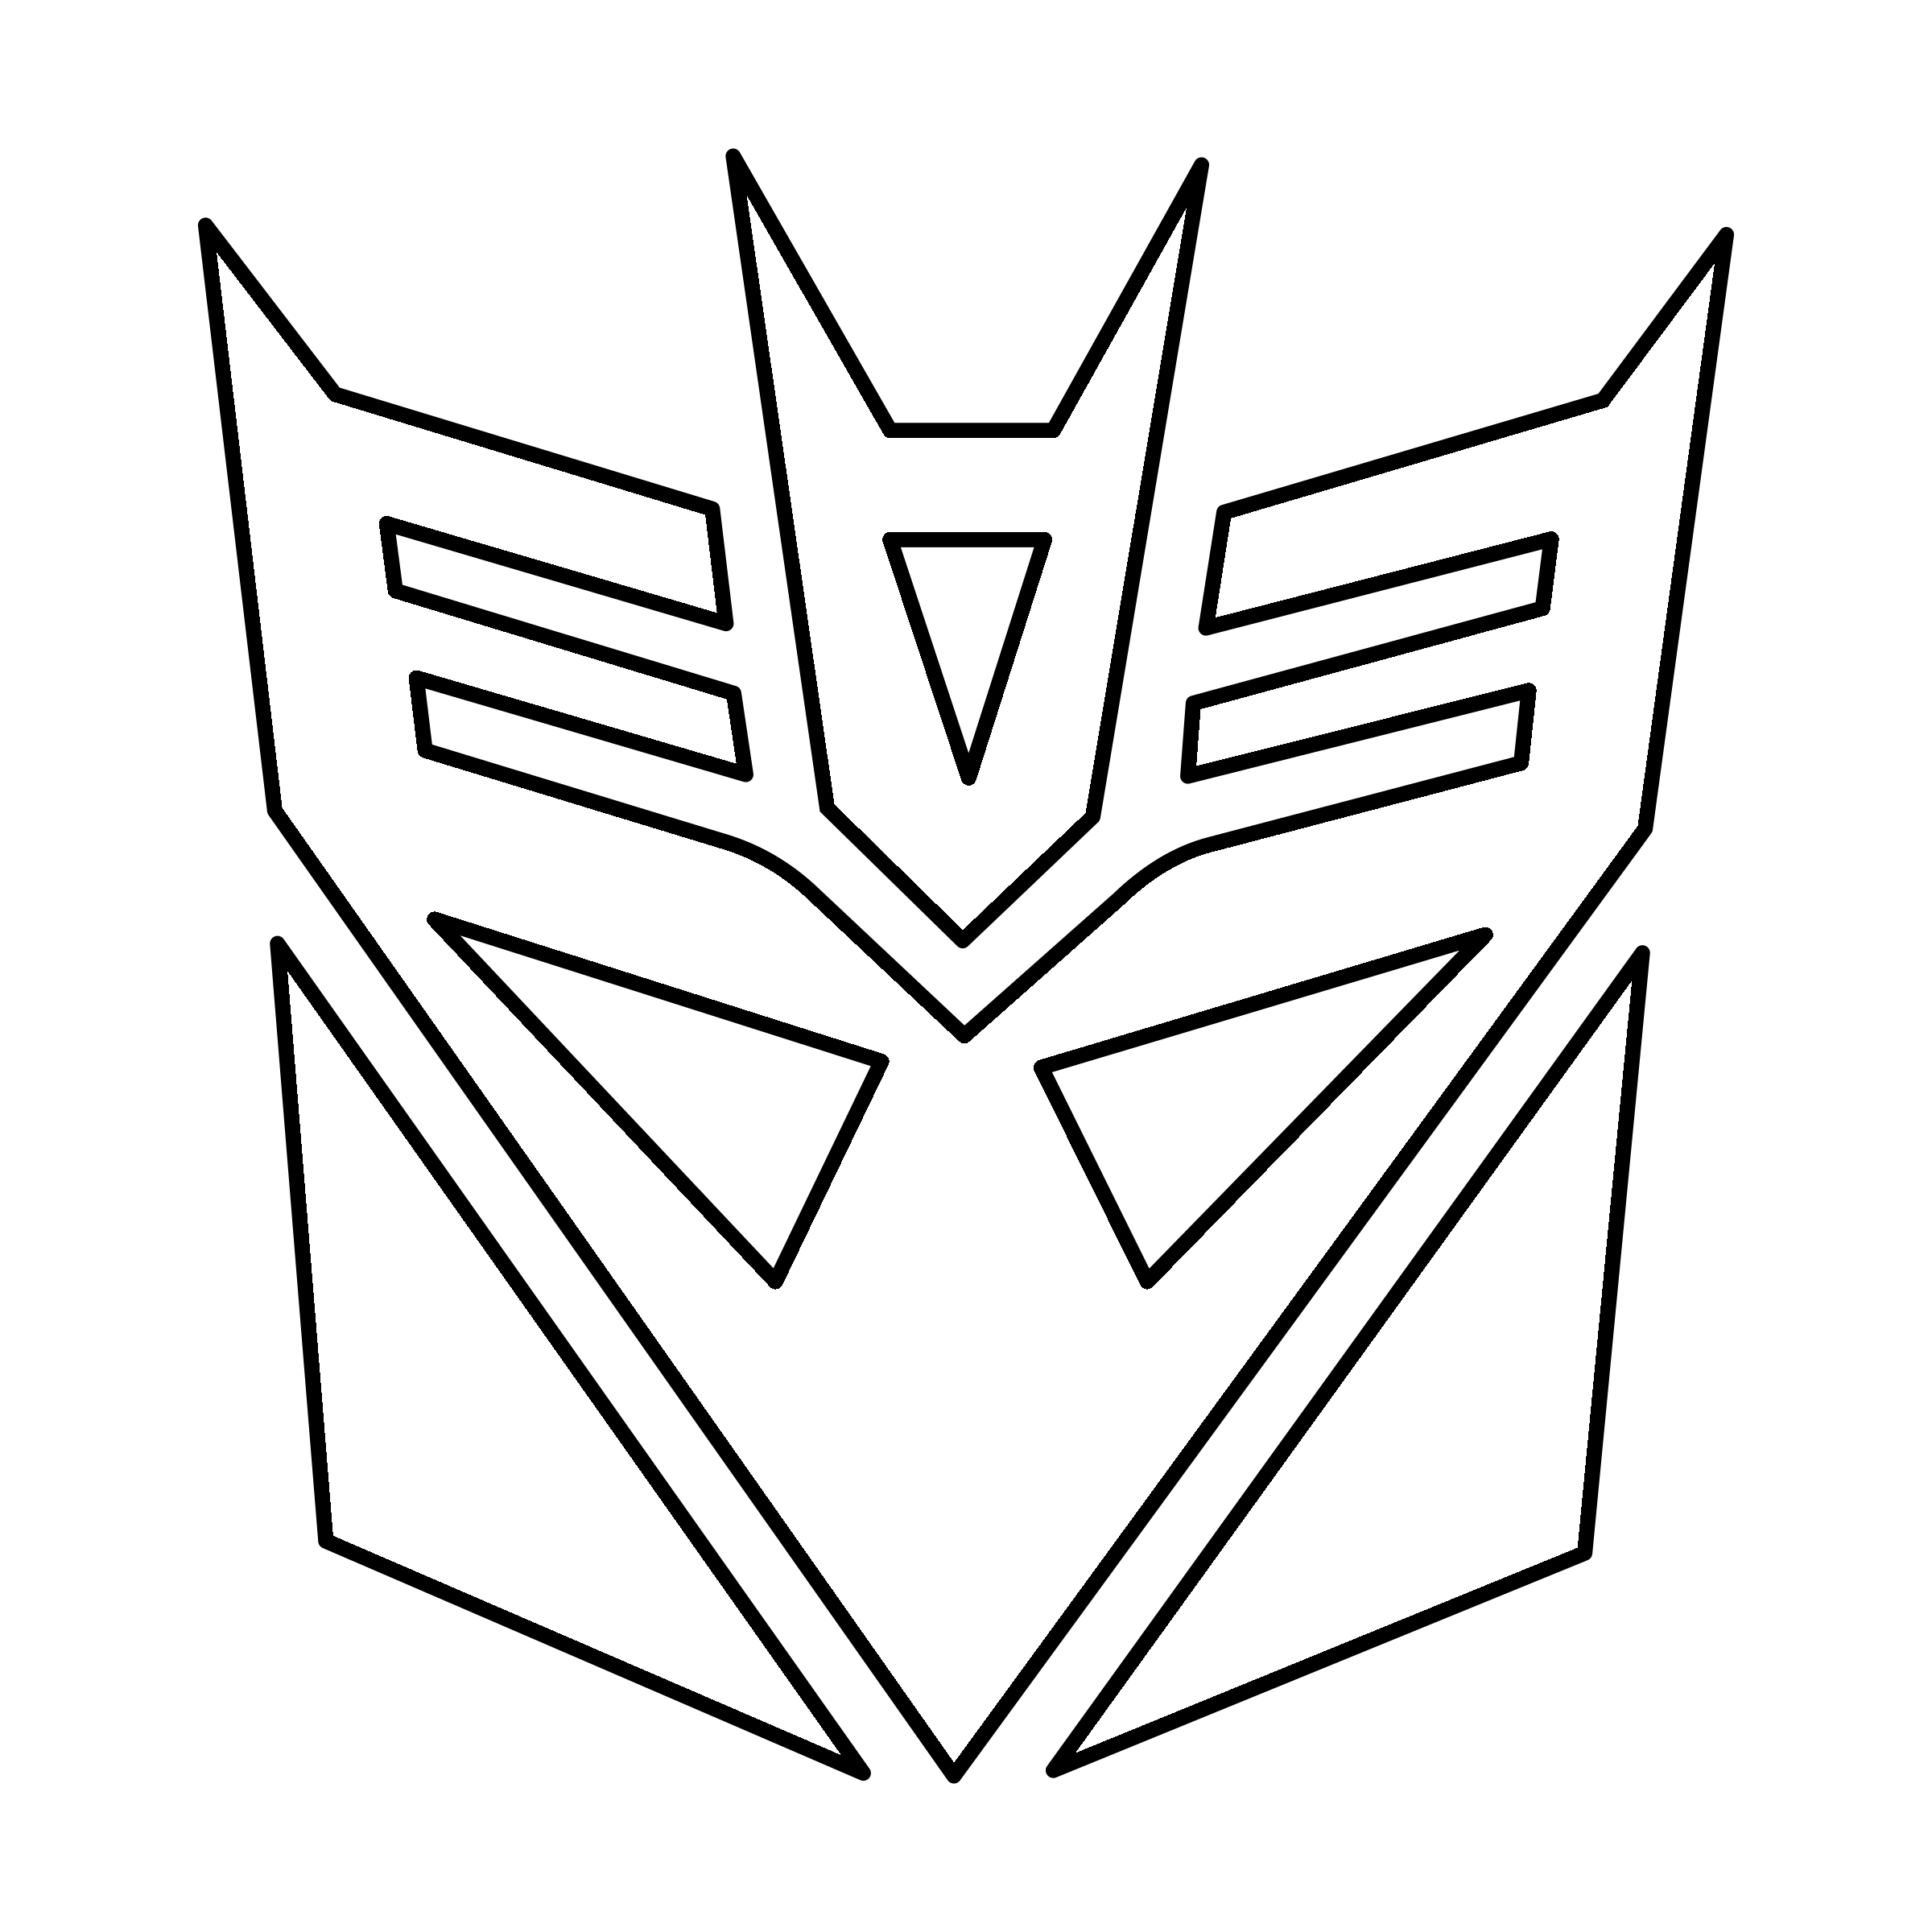 Transformers Decepticon Logo black and white Decepticon